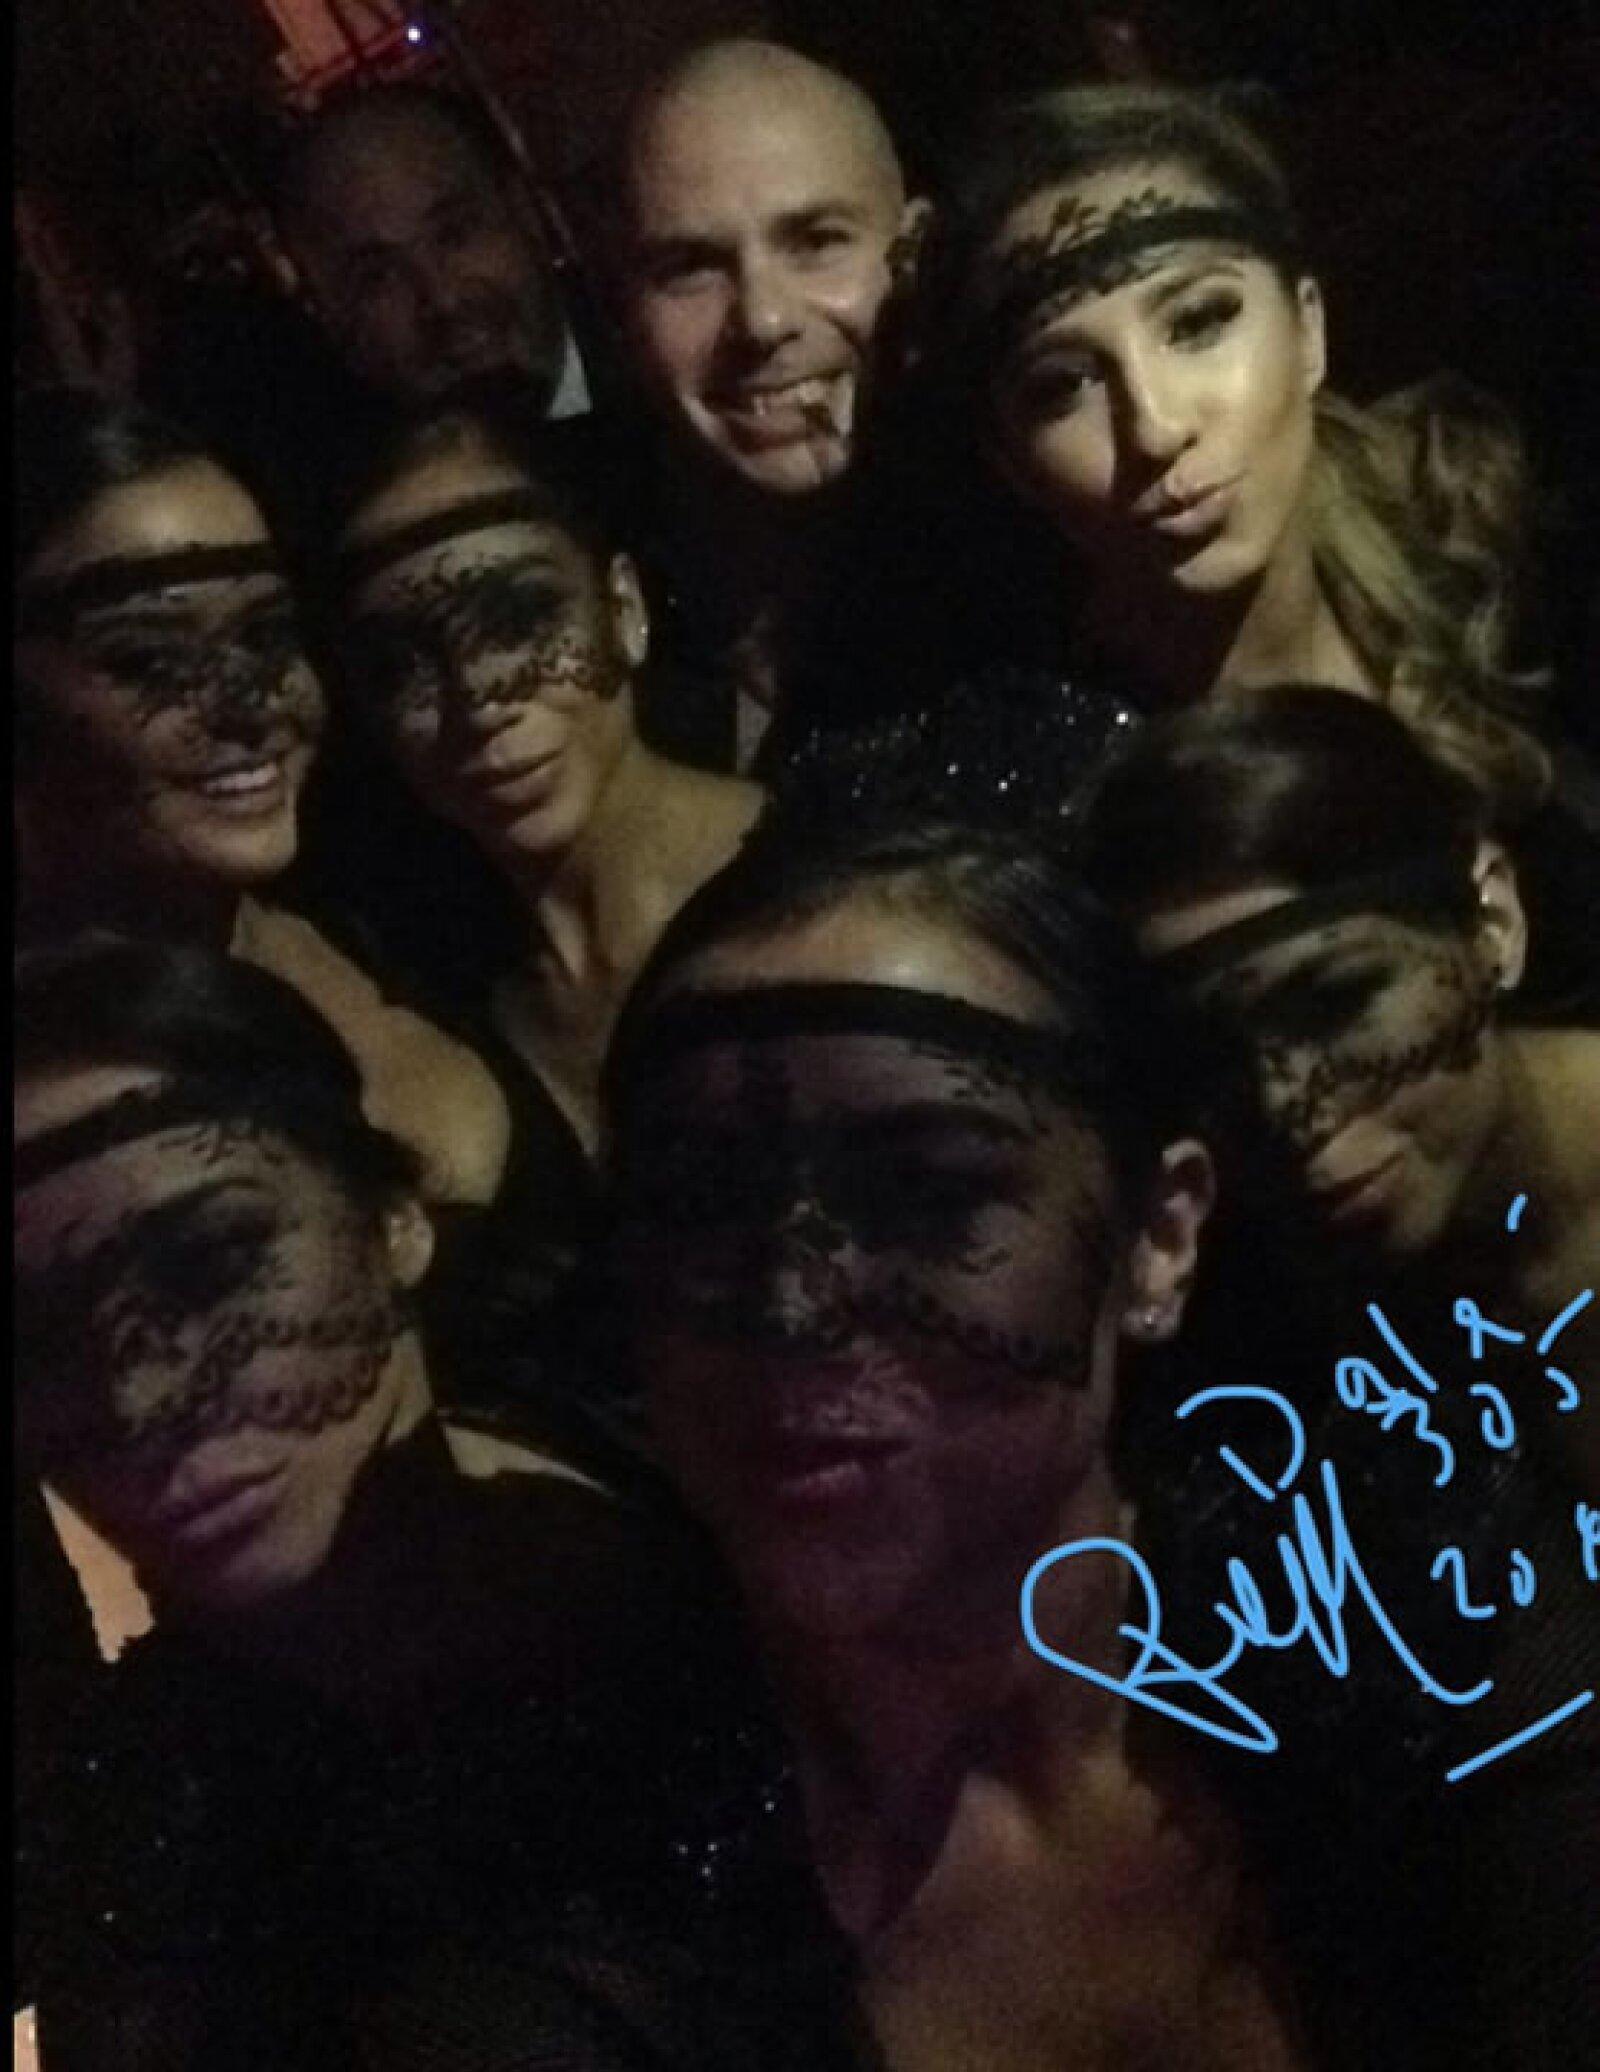 Así poso el cantante Pitbull con sus bailarinas previo a su presentación.